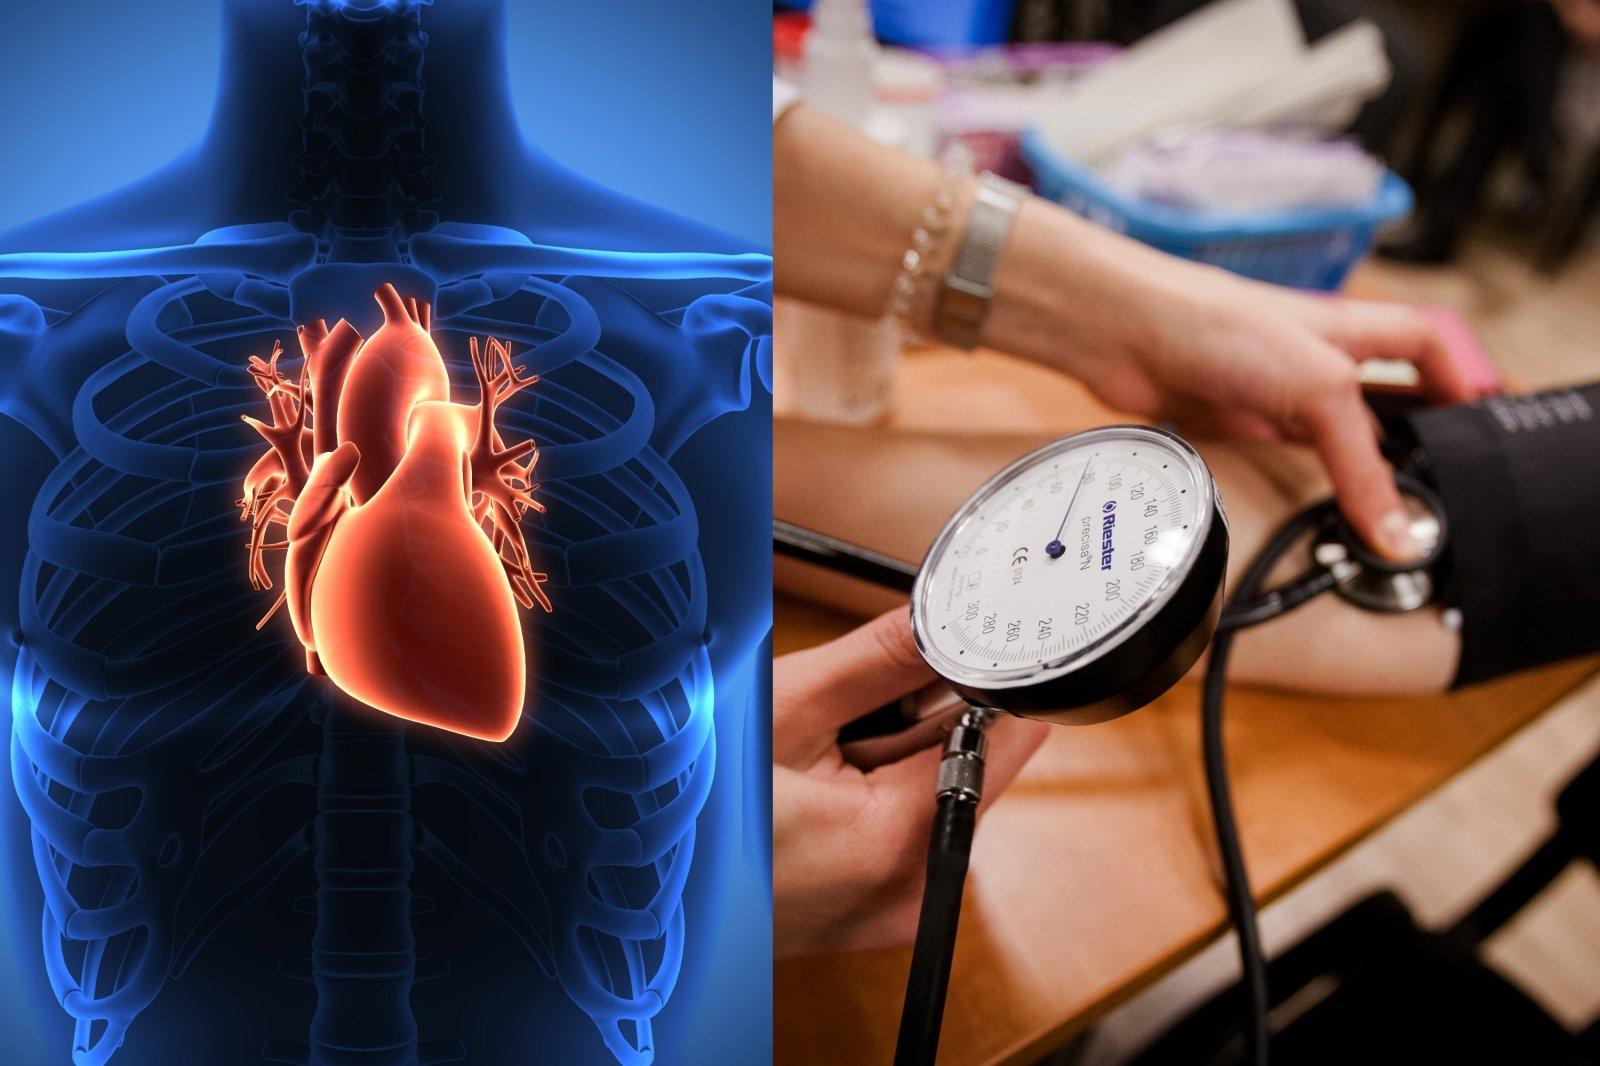 širdies ir kraujagyslių sveikata geriausia širdyje)